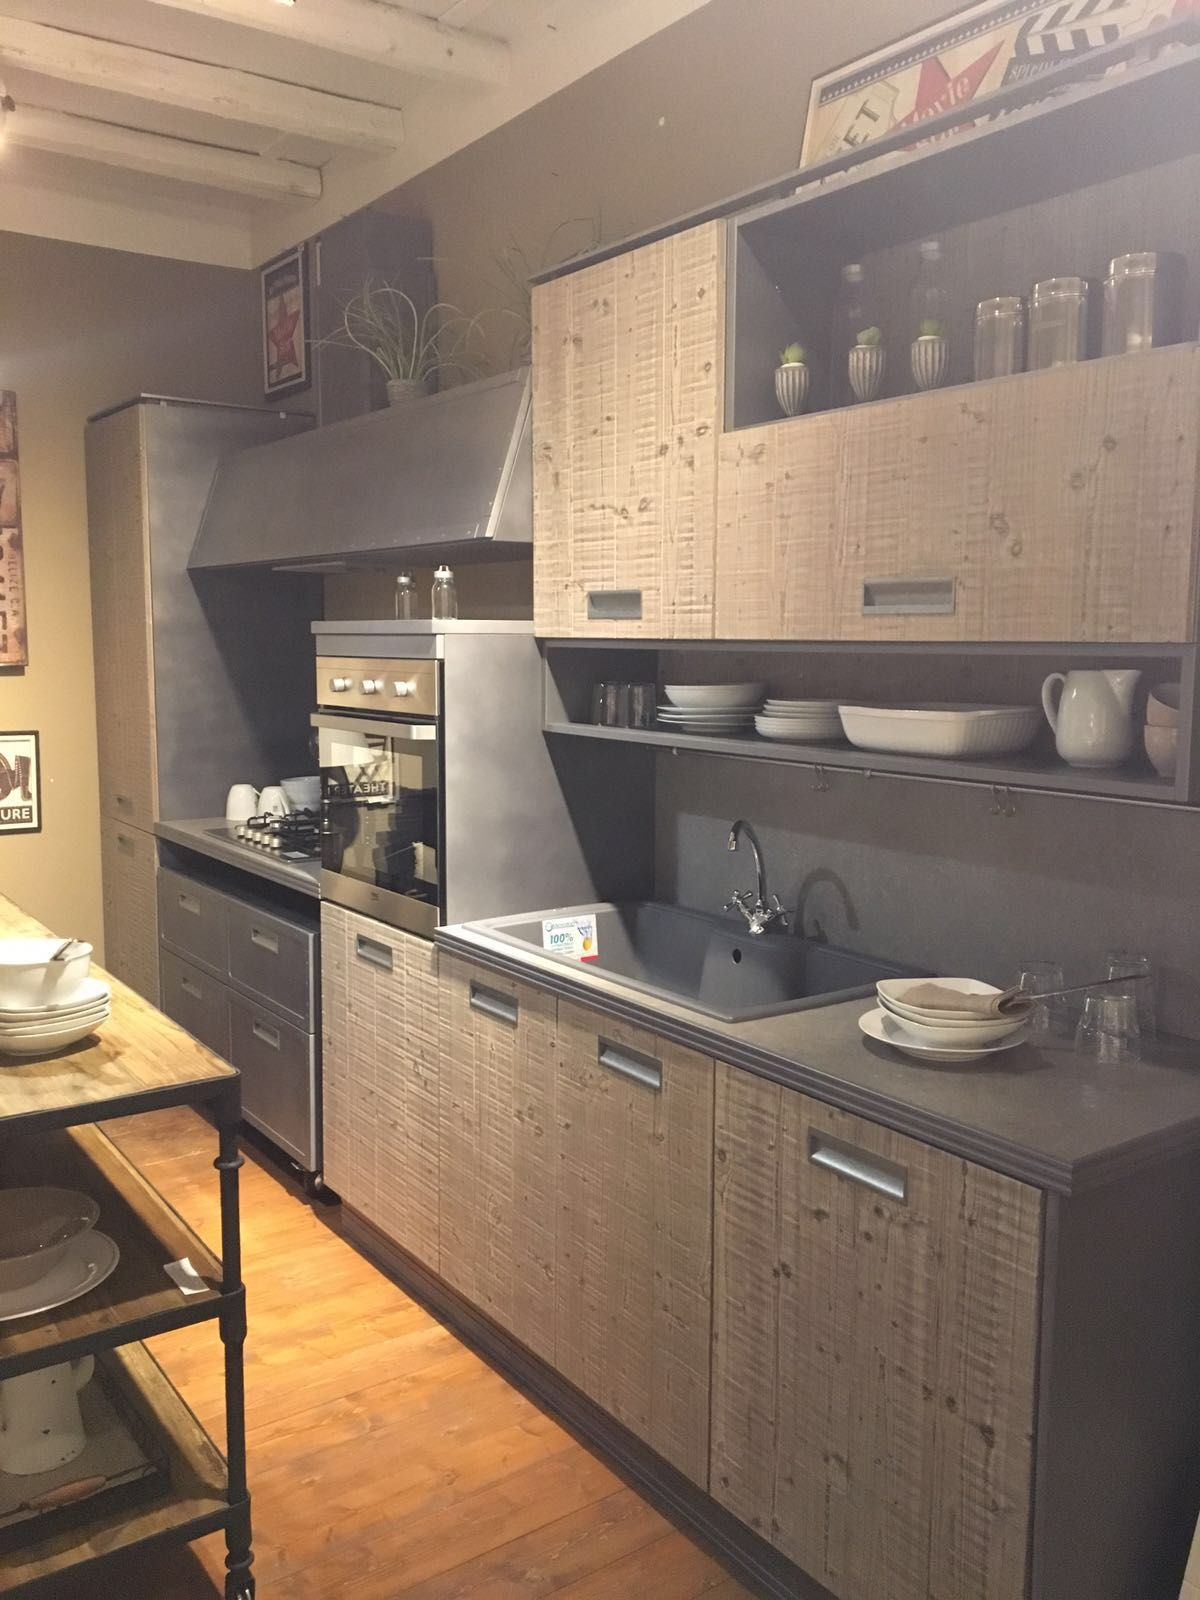 Cucina exedra marchi group scontata del 48 cucine a prezzi scontati - Marche cucine a gas ...